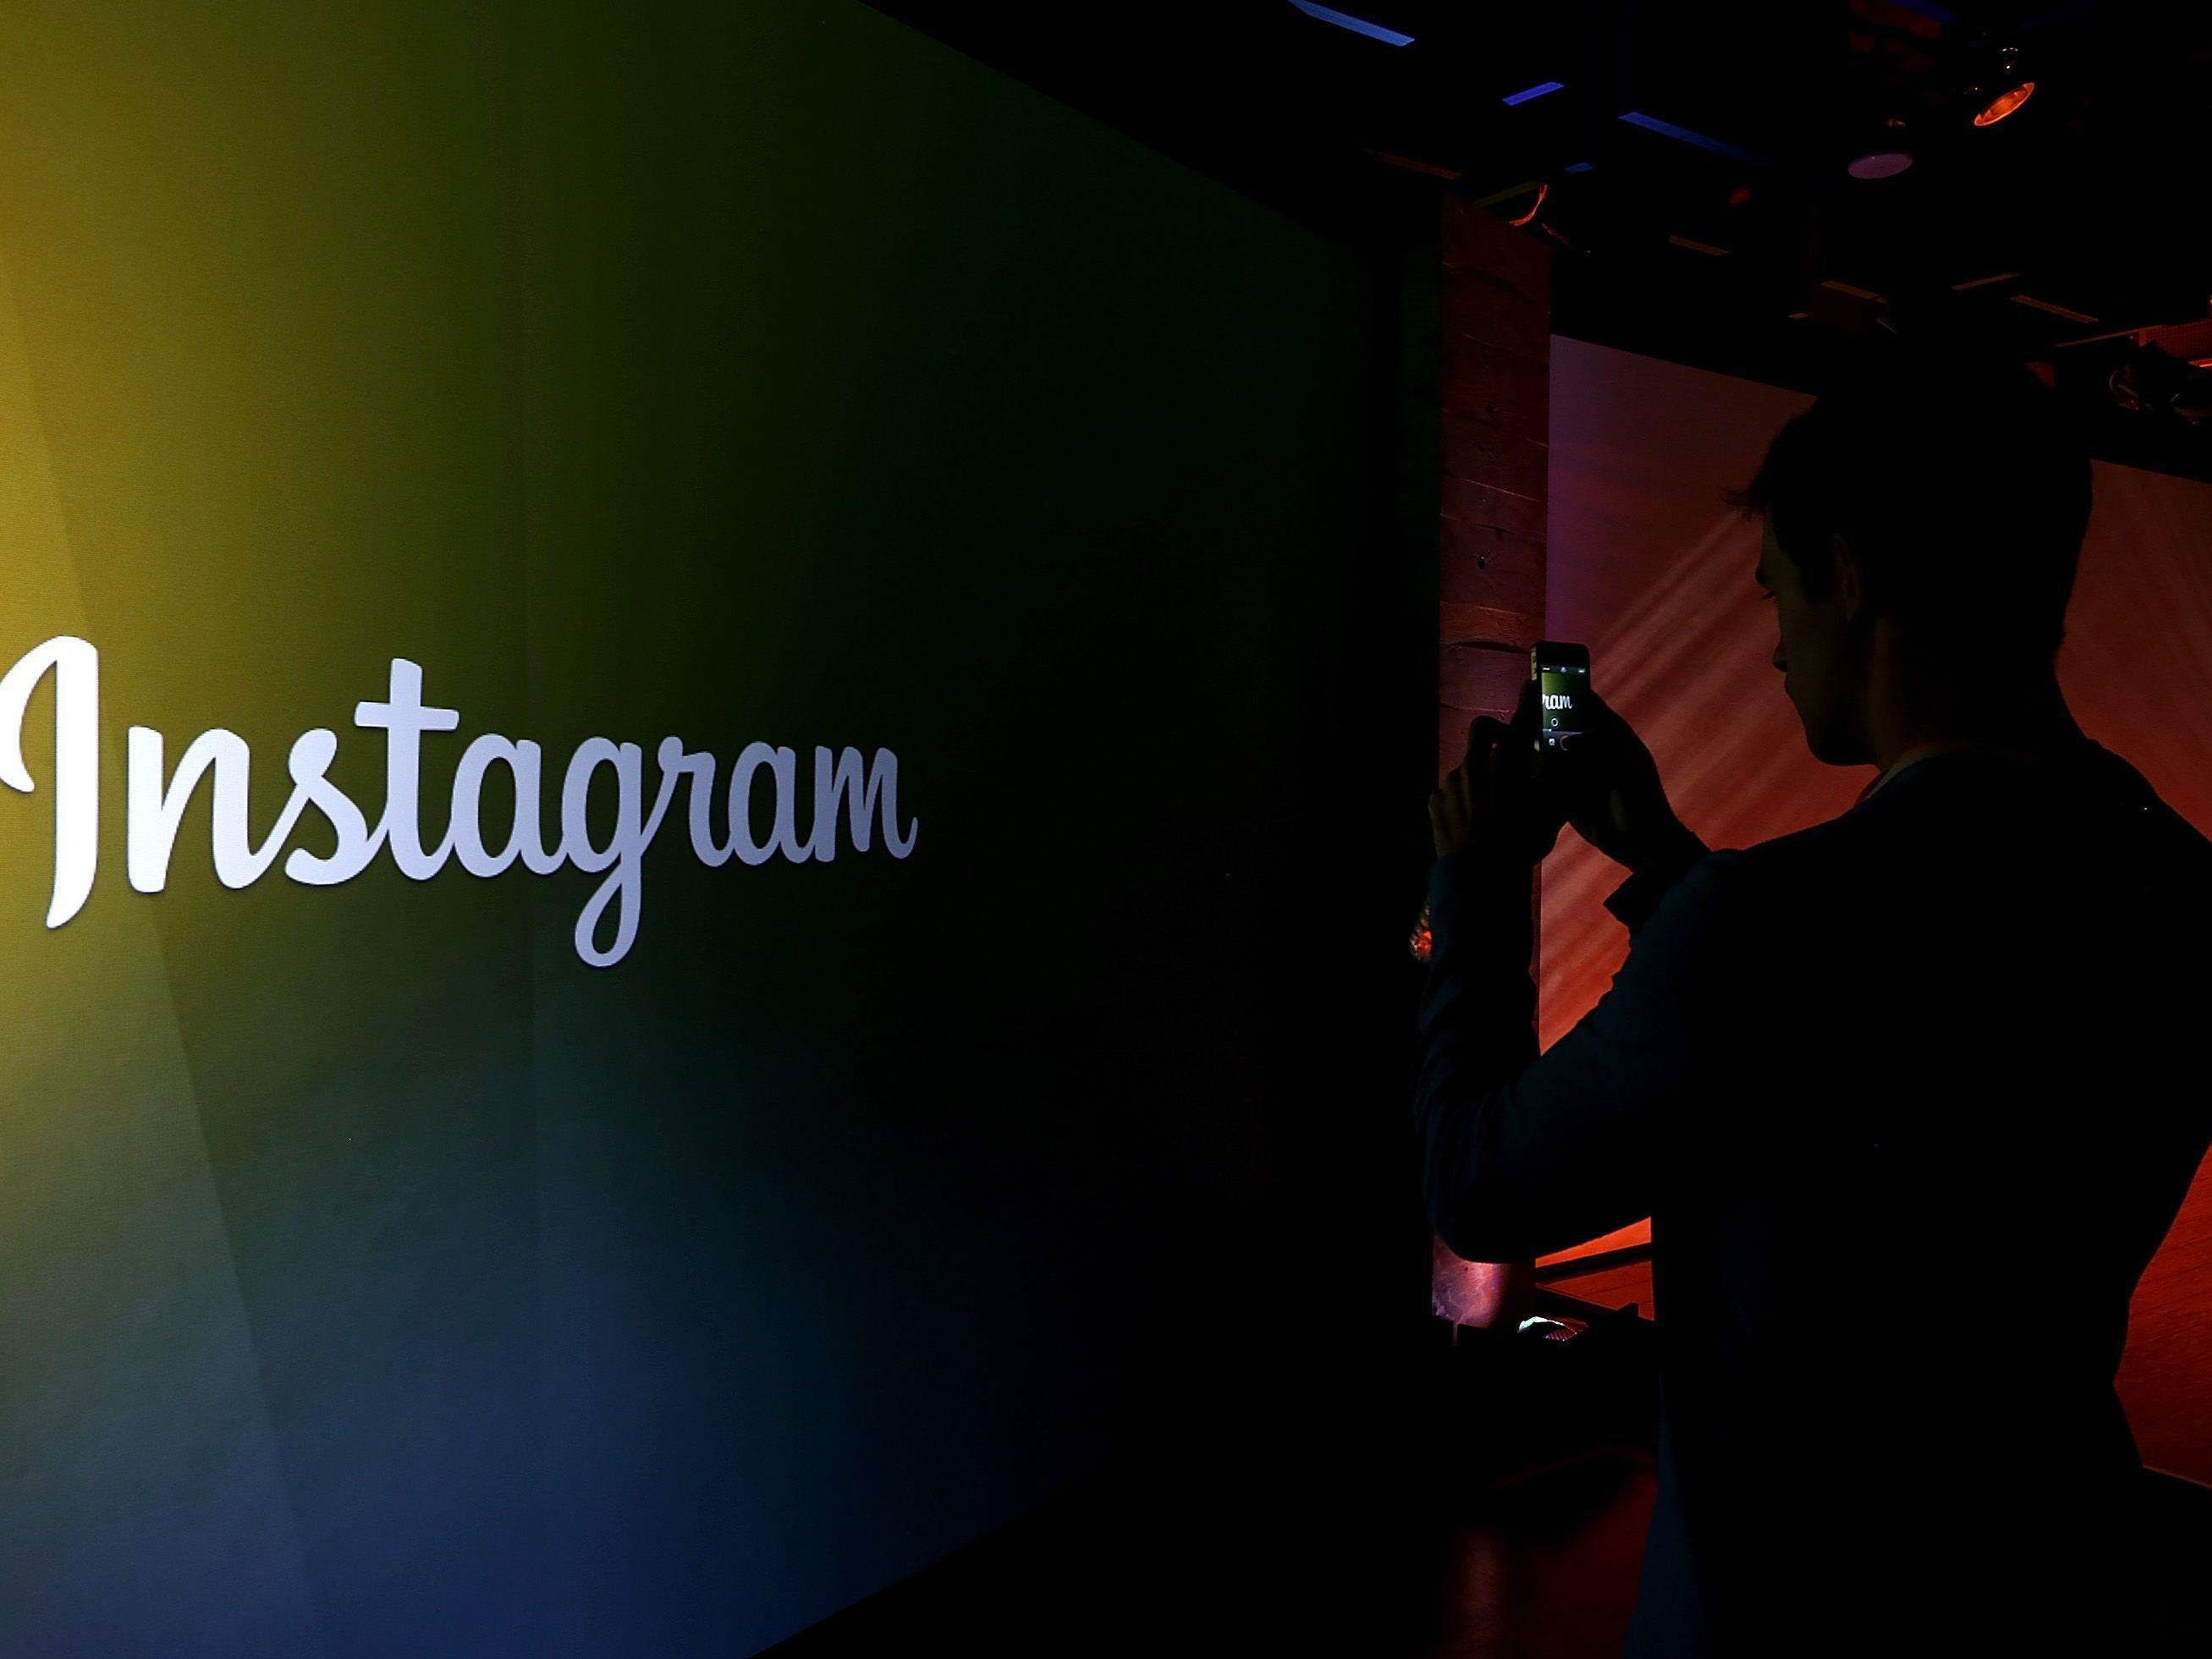 Bei Instagram hat Celeste Barber über 2 Millionen Abonnenten.